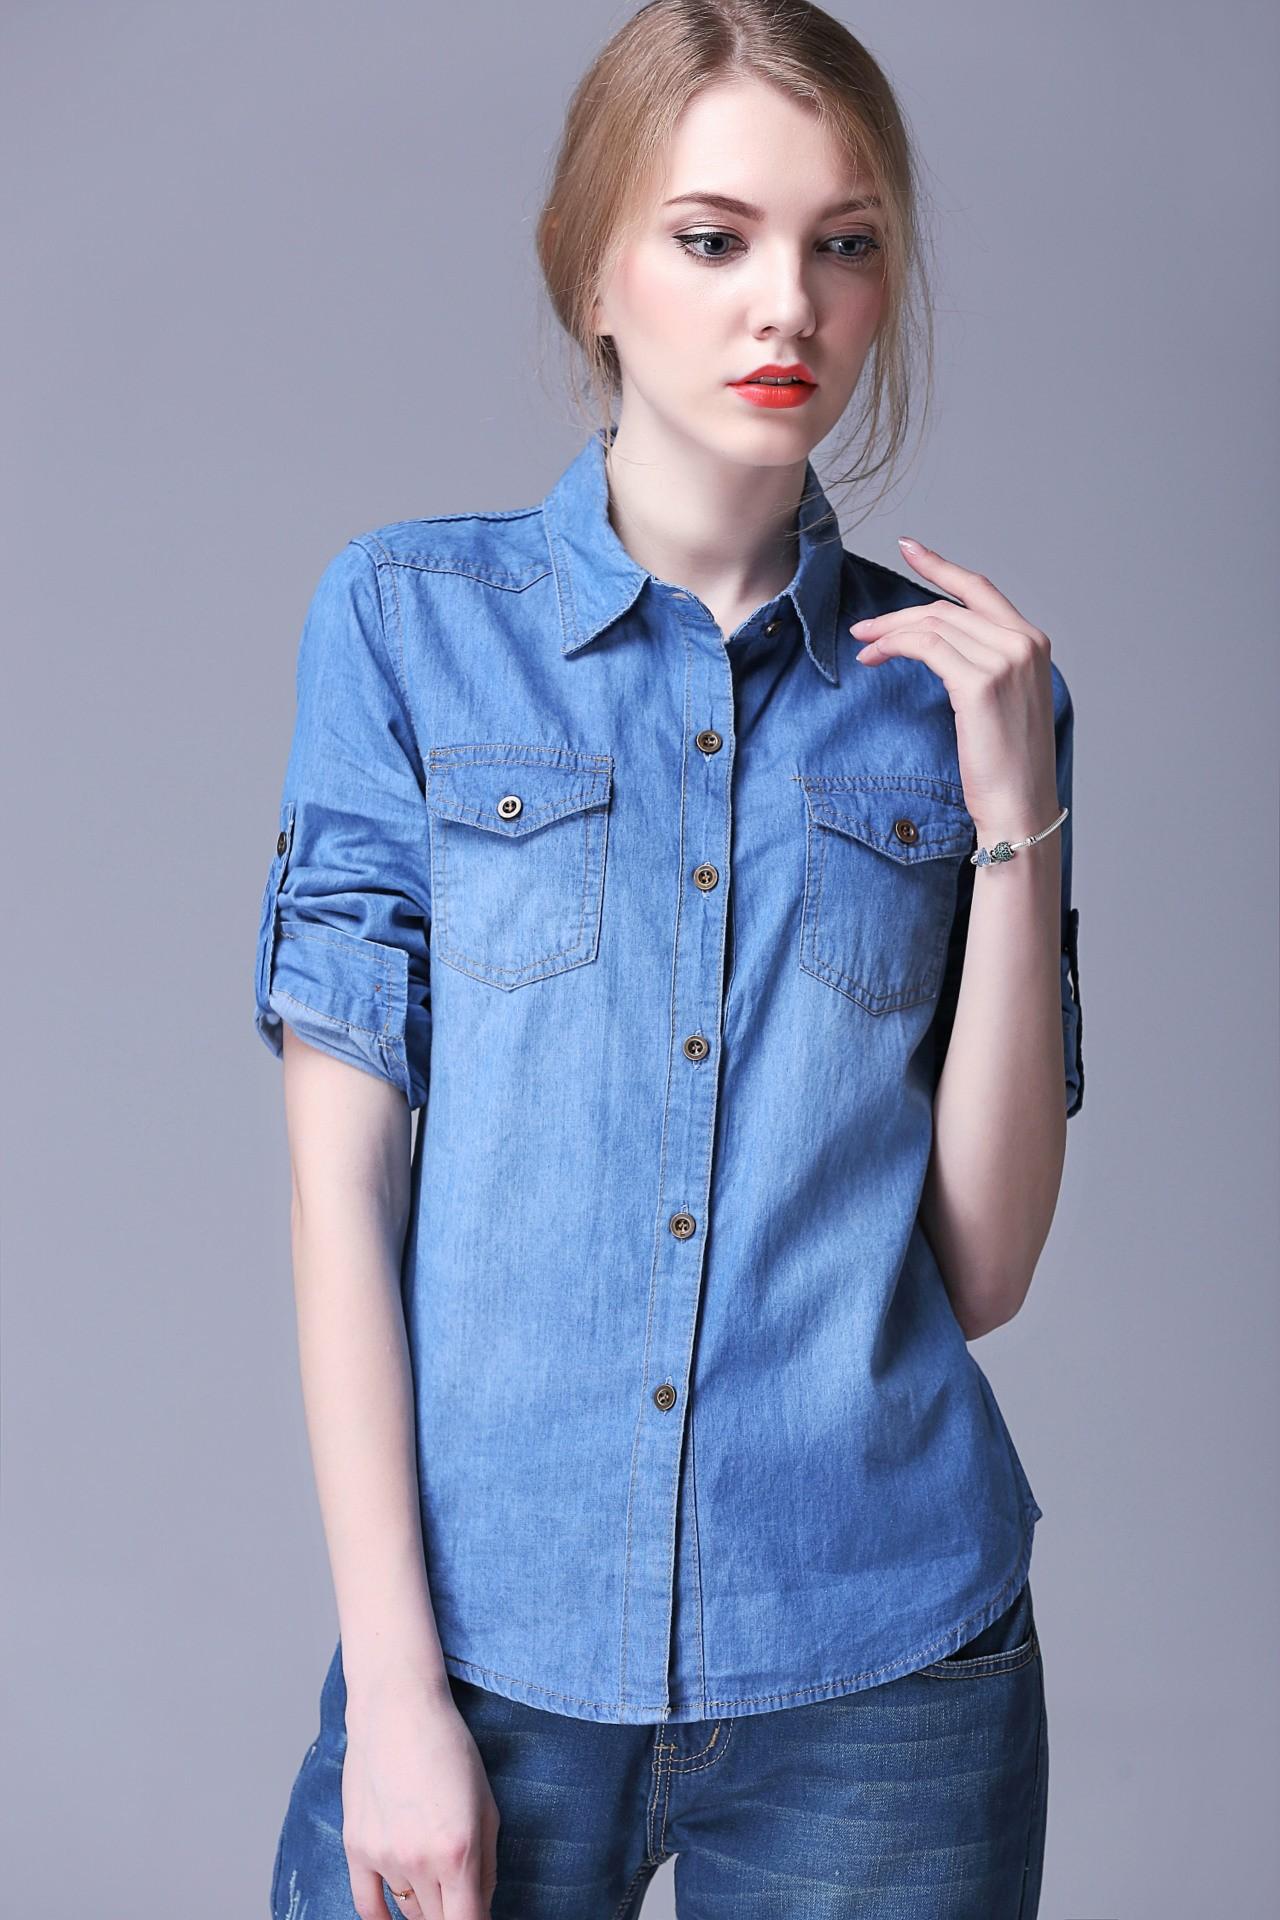 Je veux trouver une belle chemise femme et agréable à porter pas cher ICI  Chemise femme djinn ec95a46b73e2